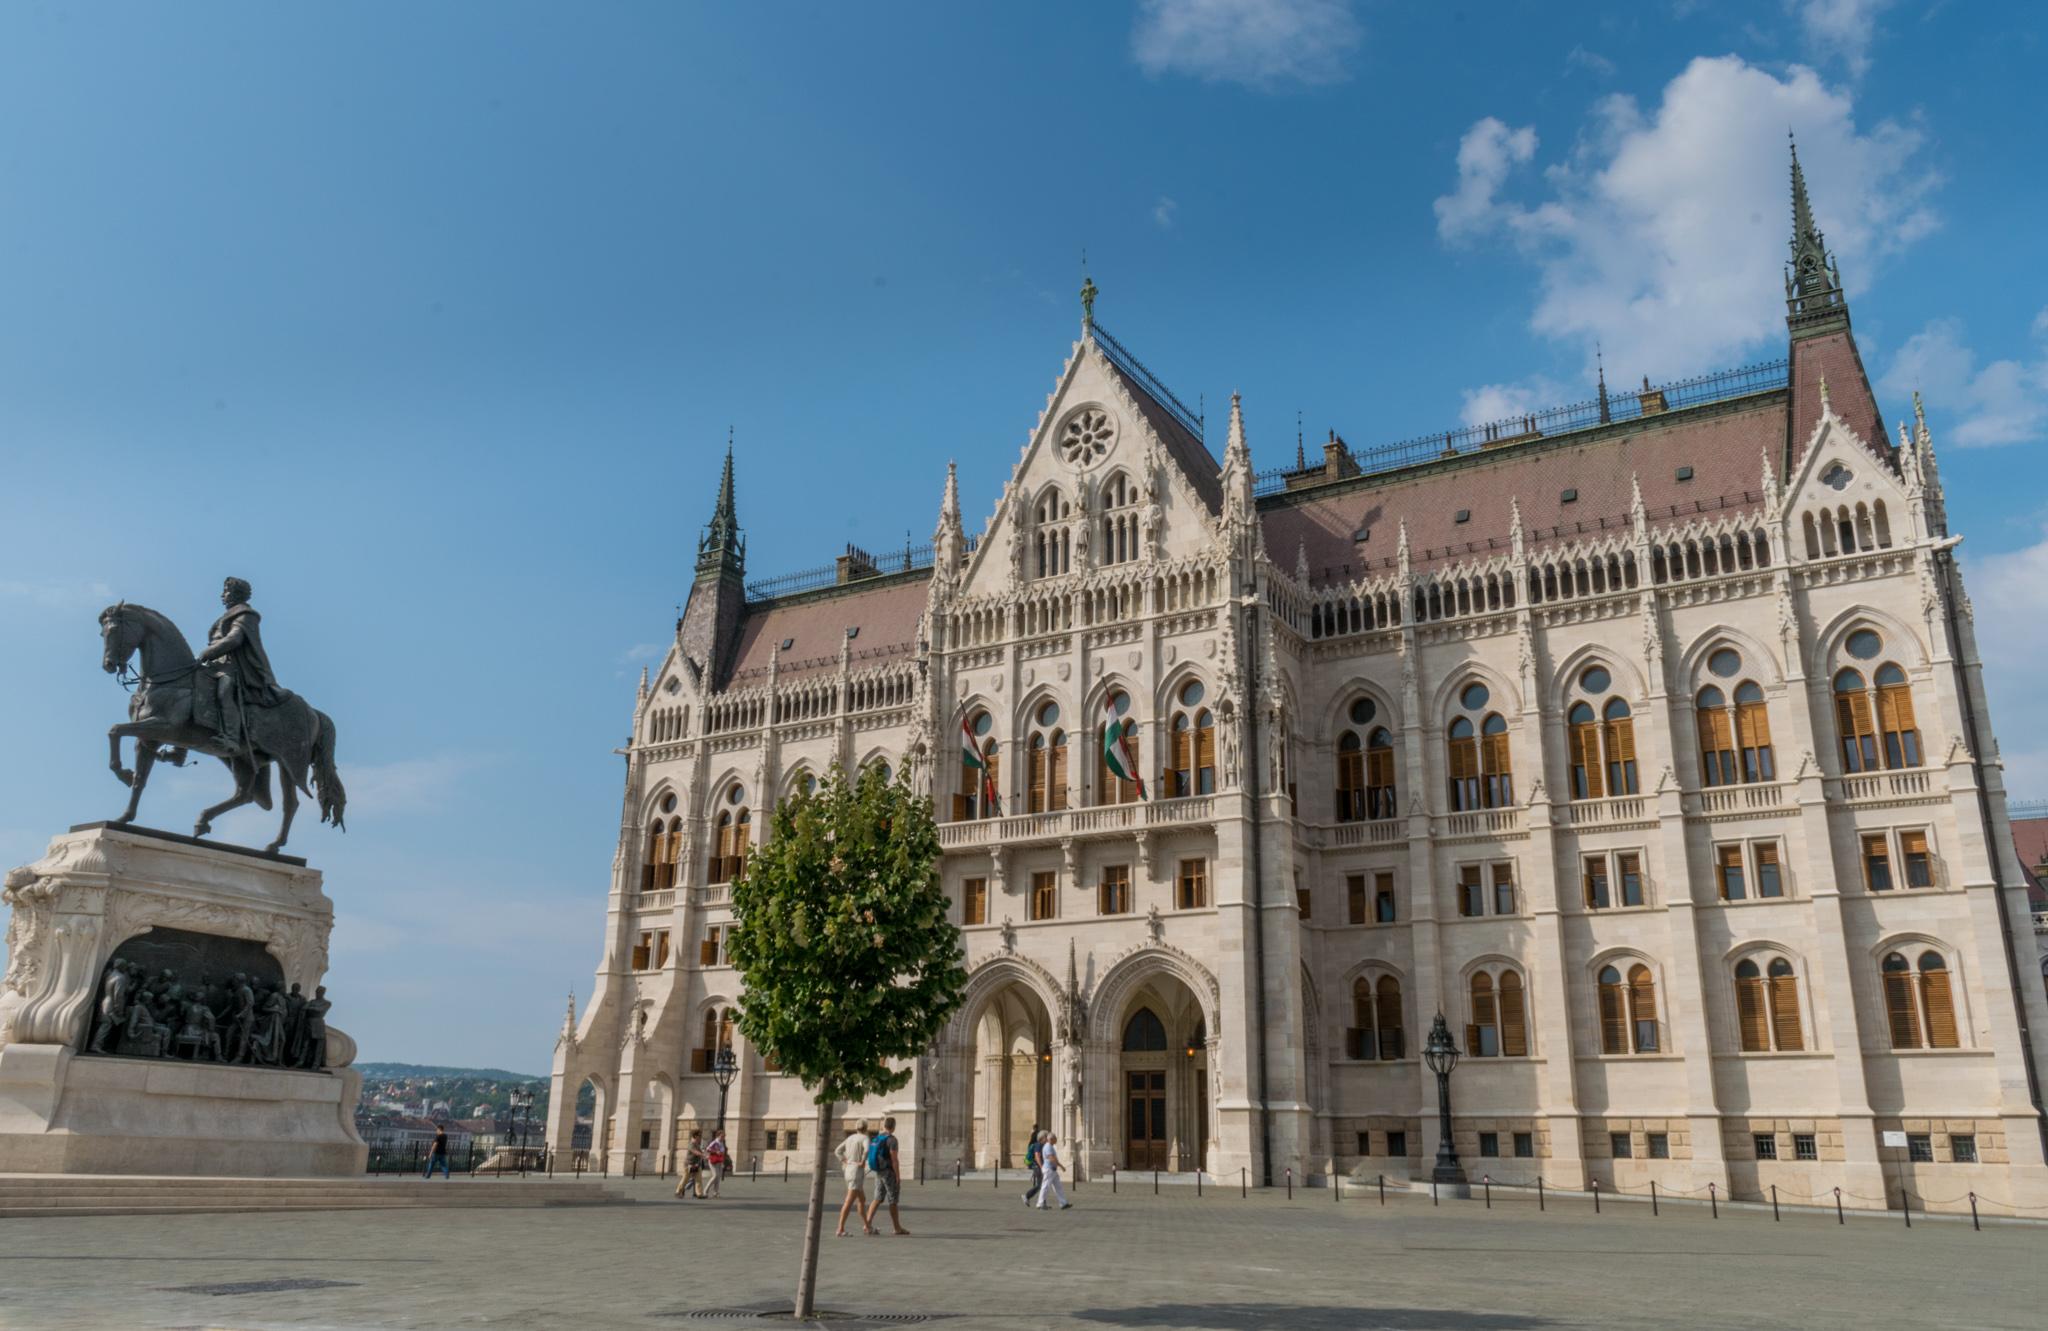 038-KOVÁCS Orsolya (Oradea-RO) - Budapest (HU)